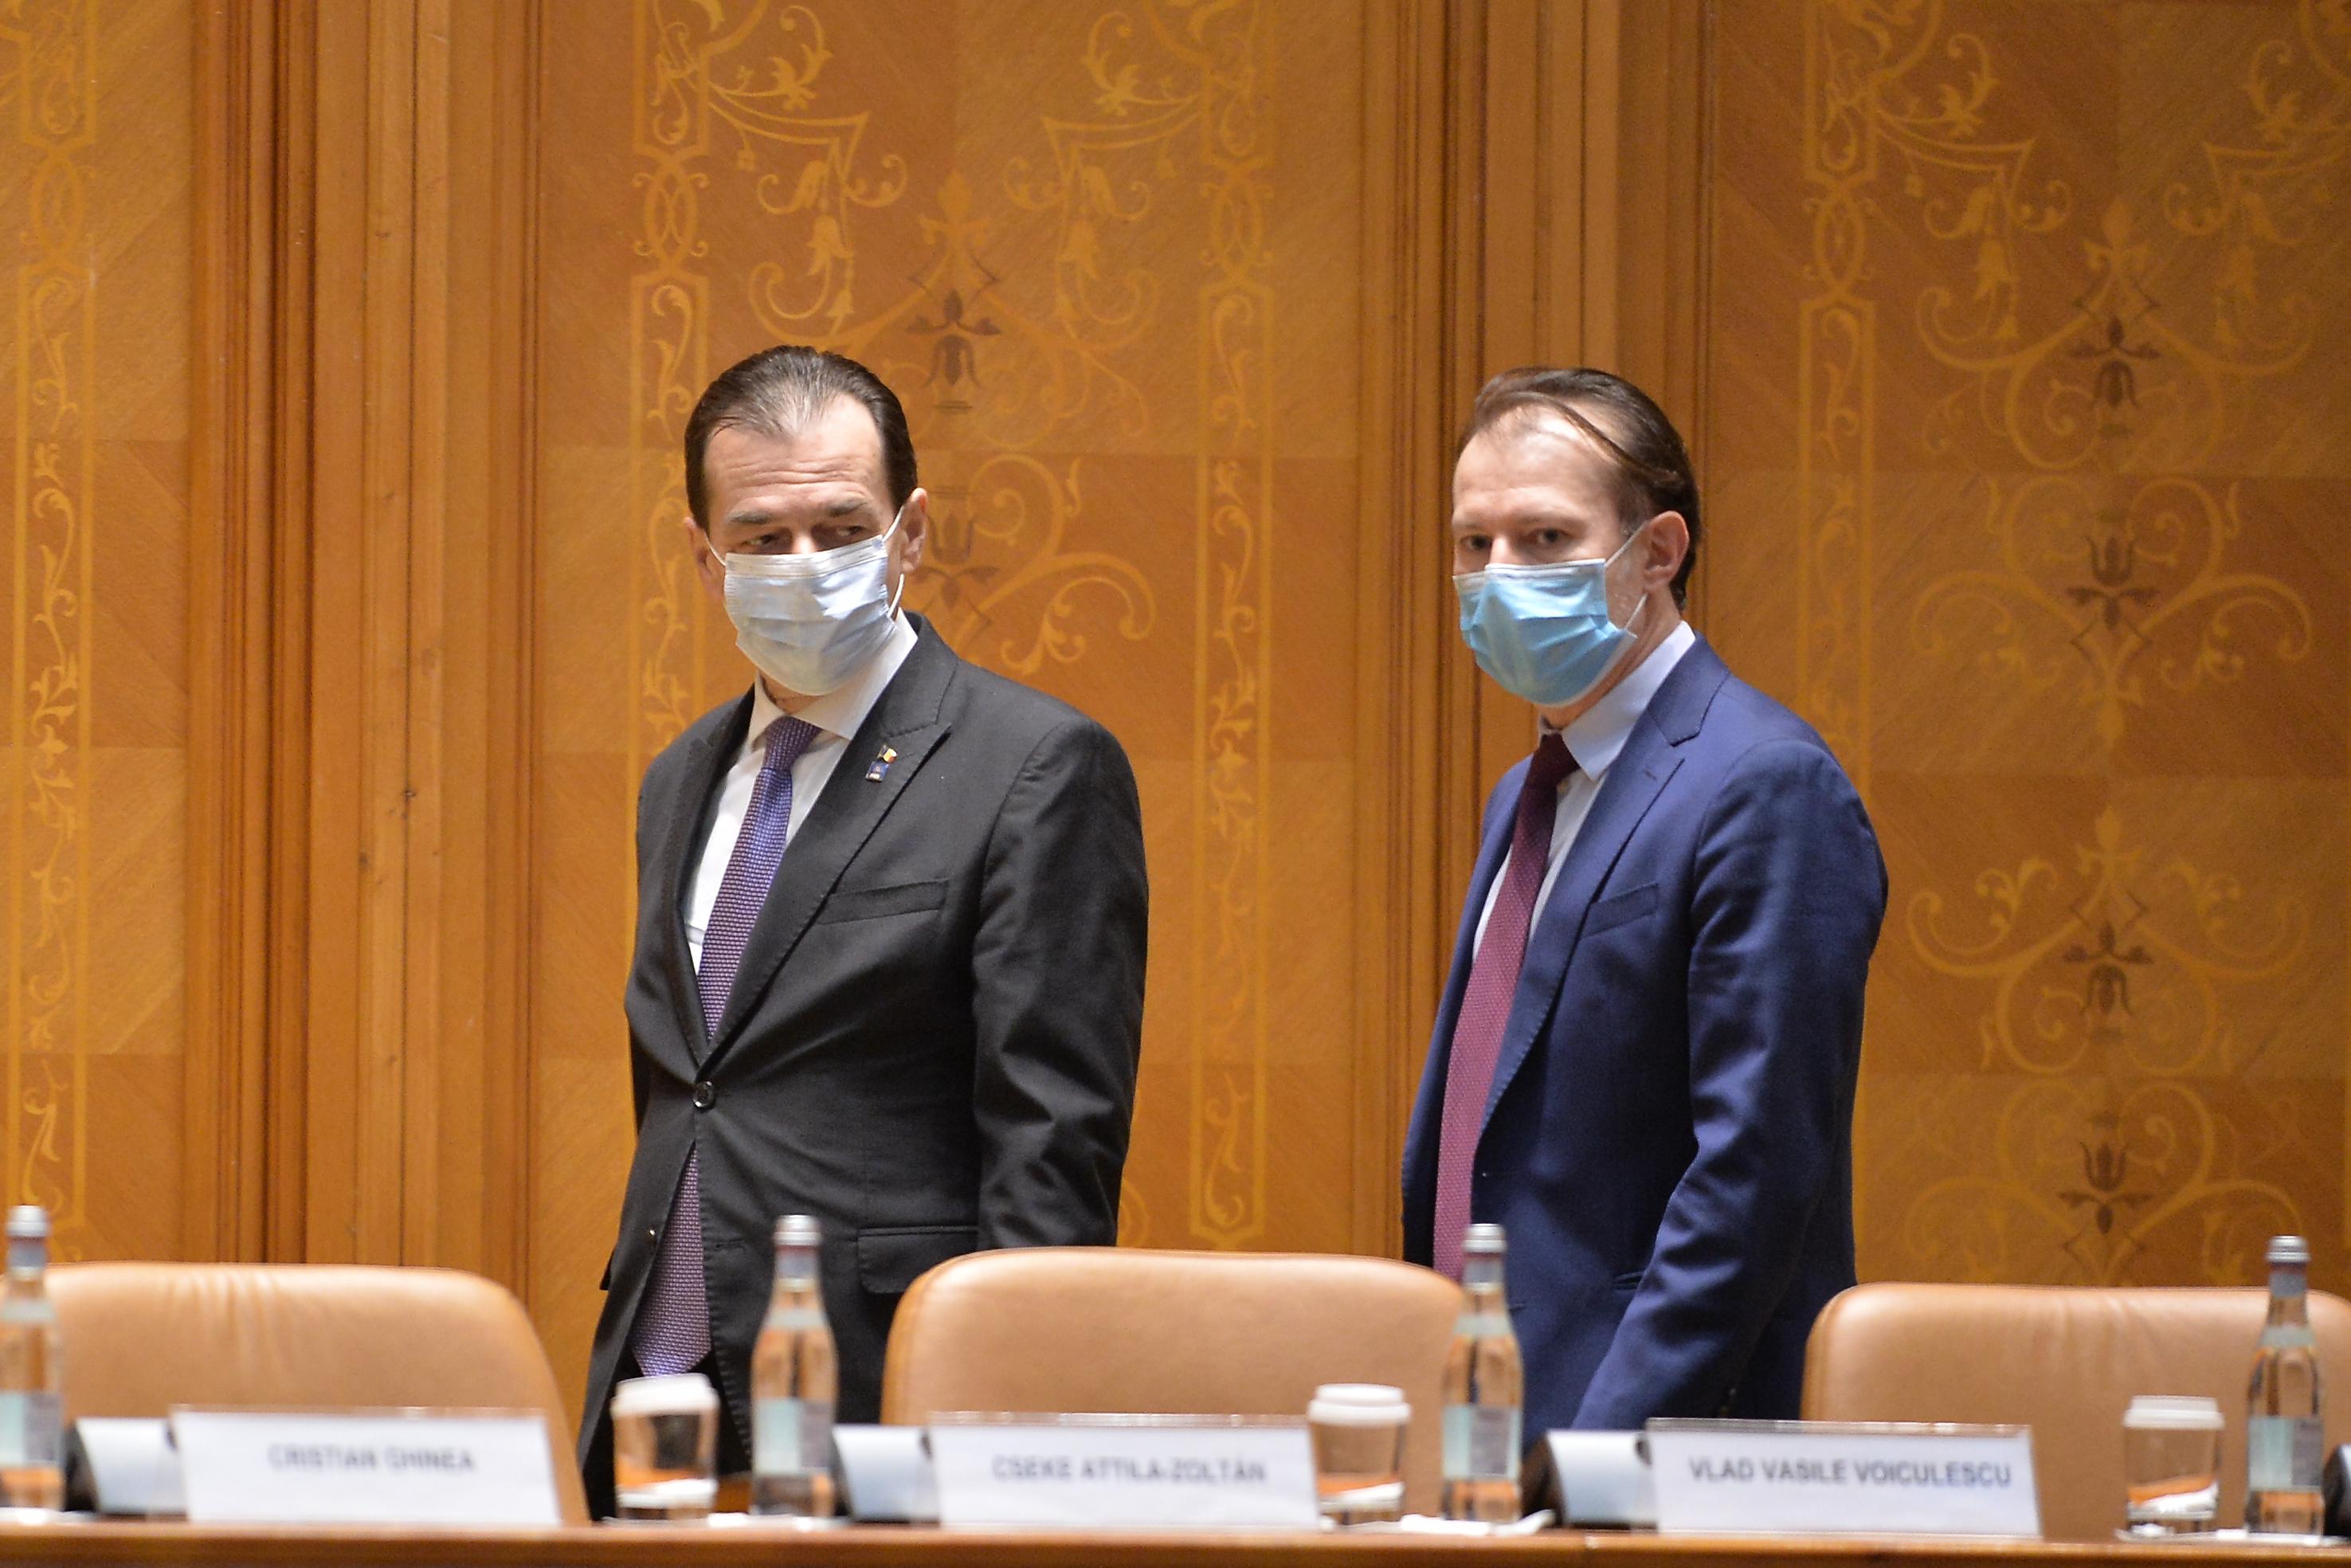 Replica lui Orban pentru Cîţu: Candidatul oficial pentru funcţia de prim-ministru am fost eu